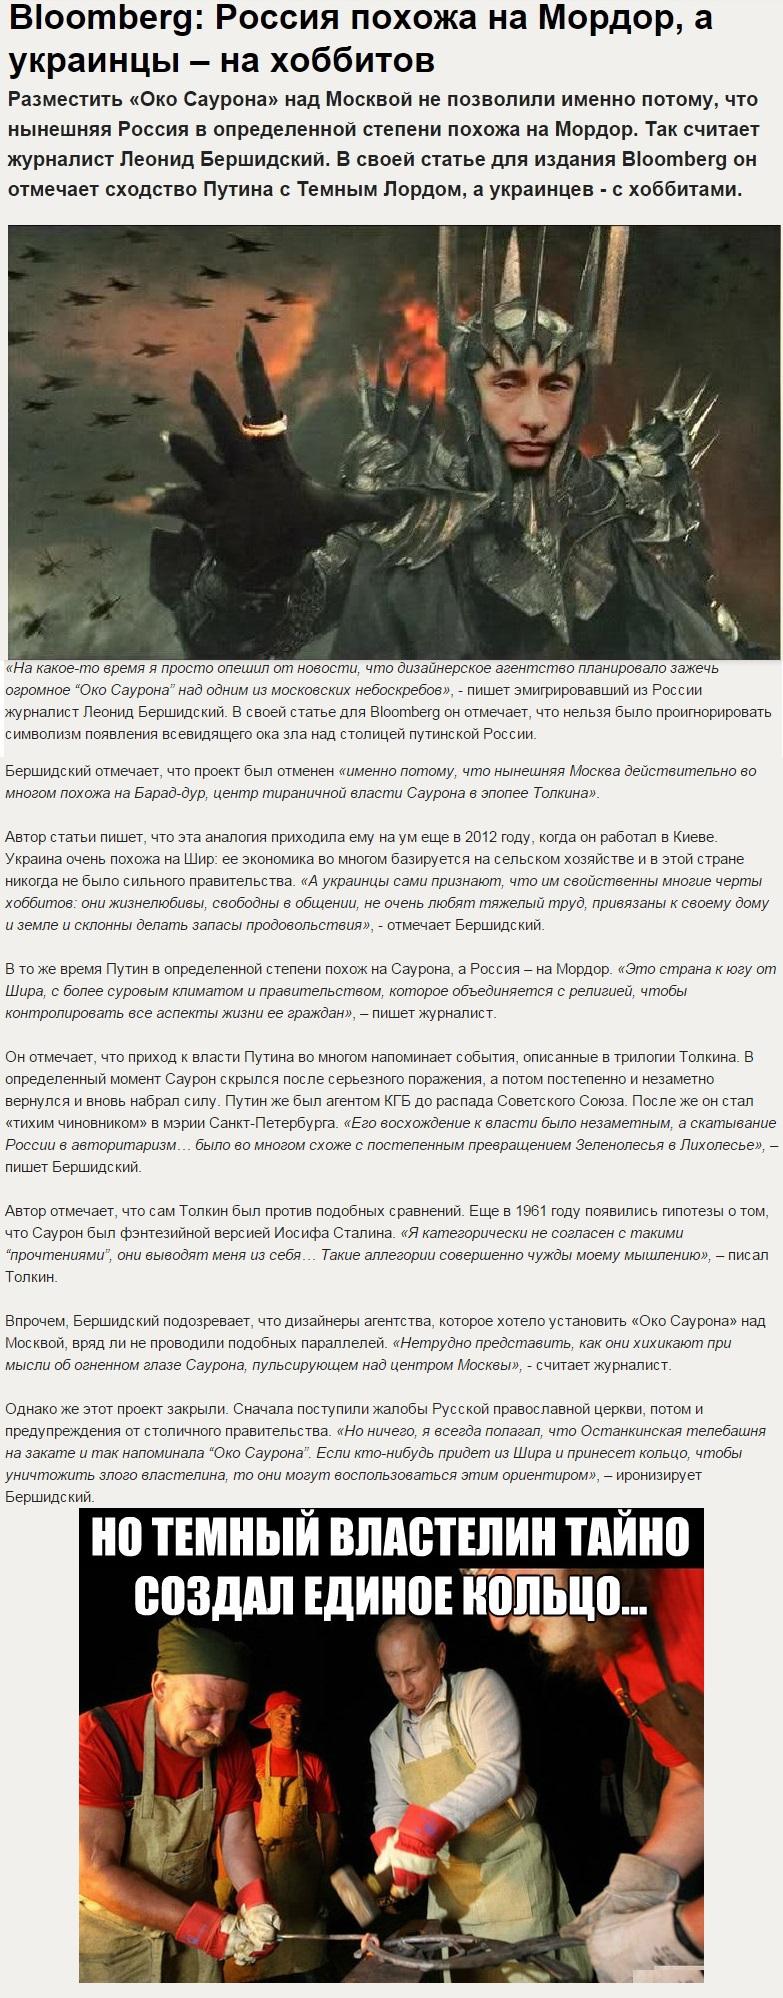 Фееричная расстановка точек в истории с Оком Саурона. - Изображение 1